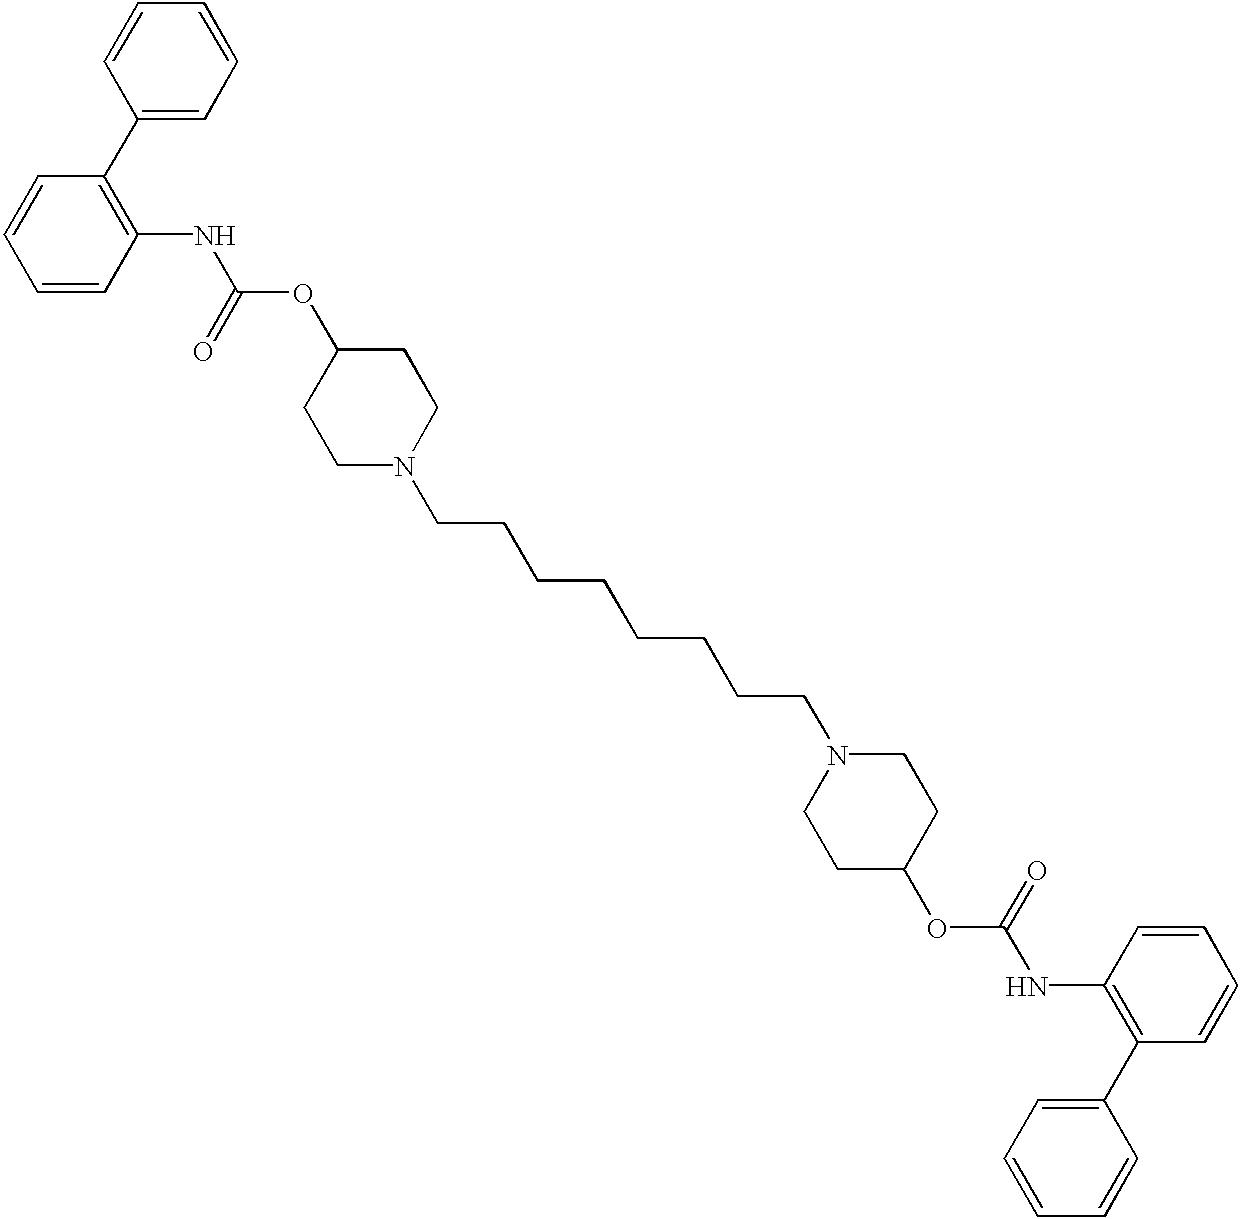 Figure US06693202-20040217-C00490